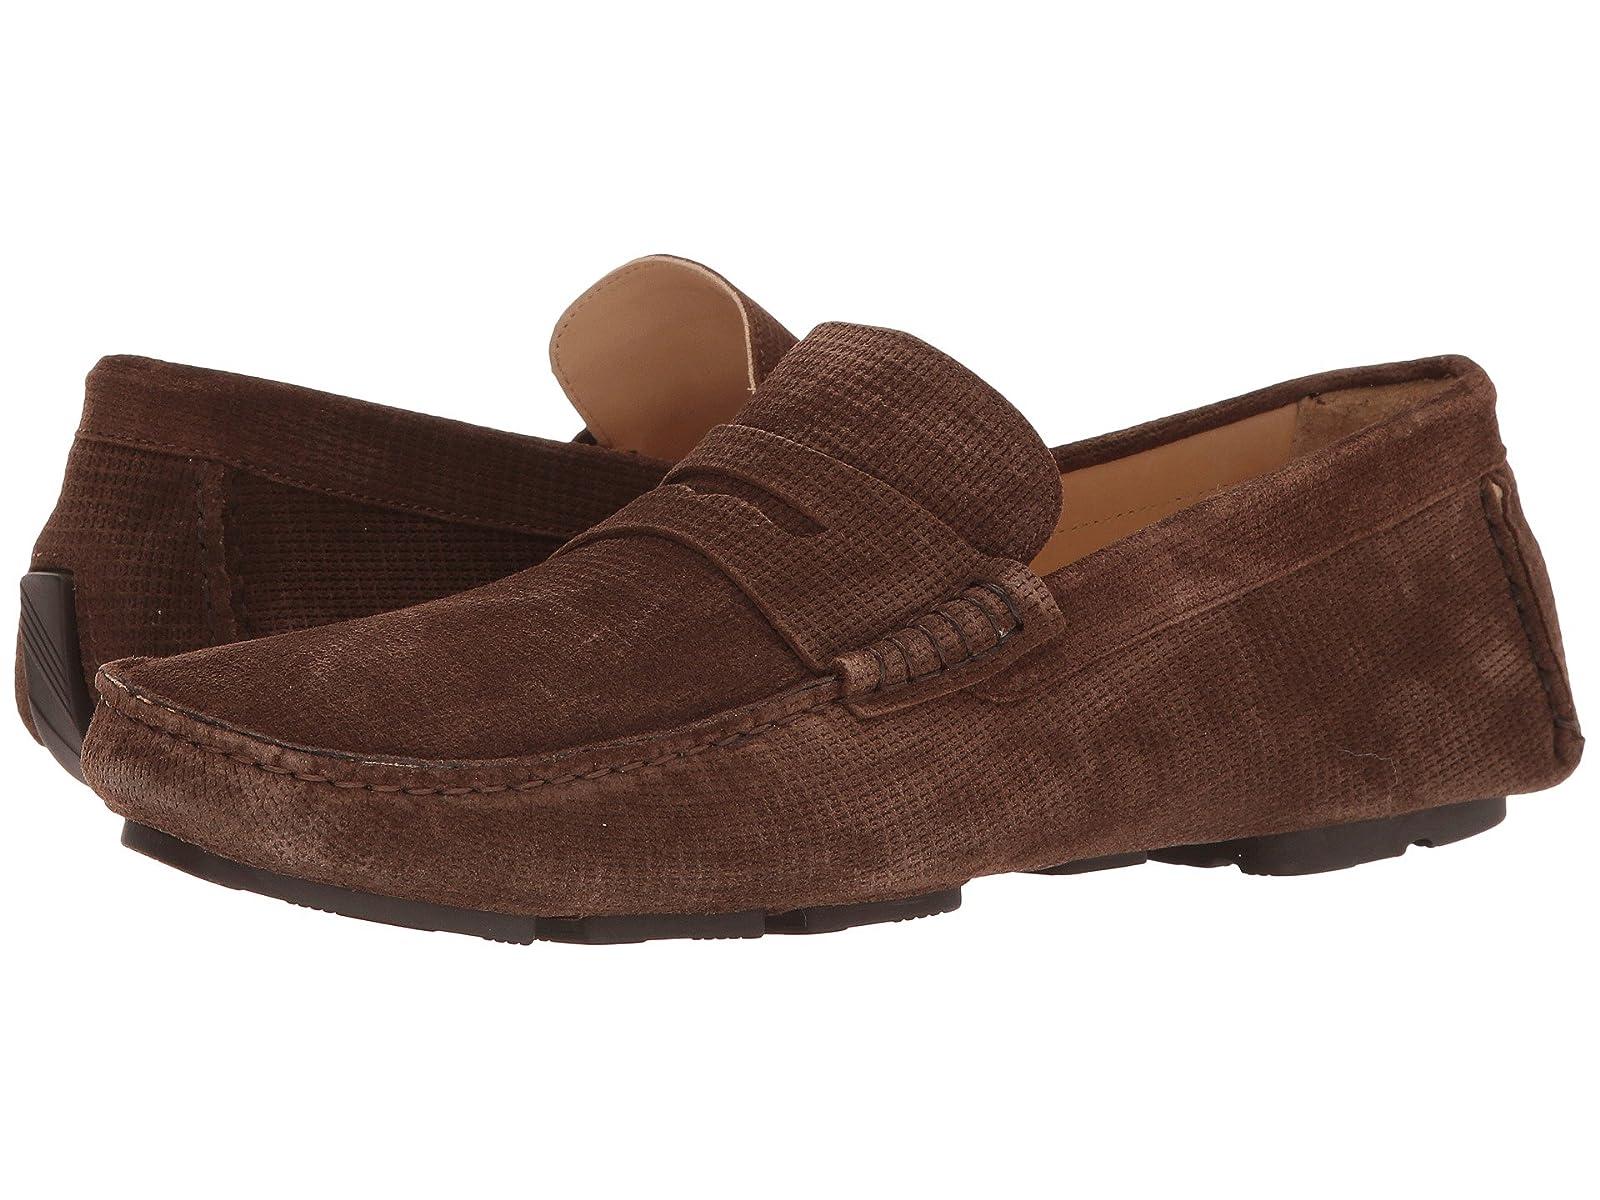 BUGATCHI St Tropez DriverAtmospheric grades have affordable shoes